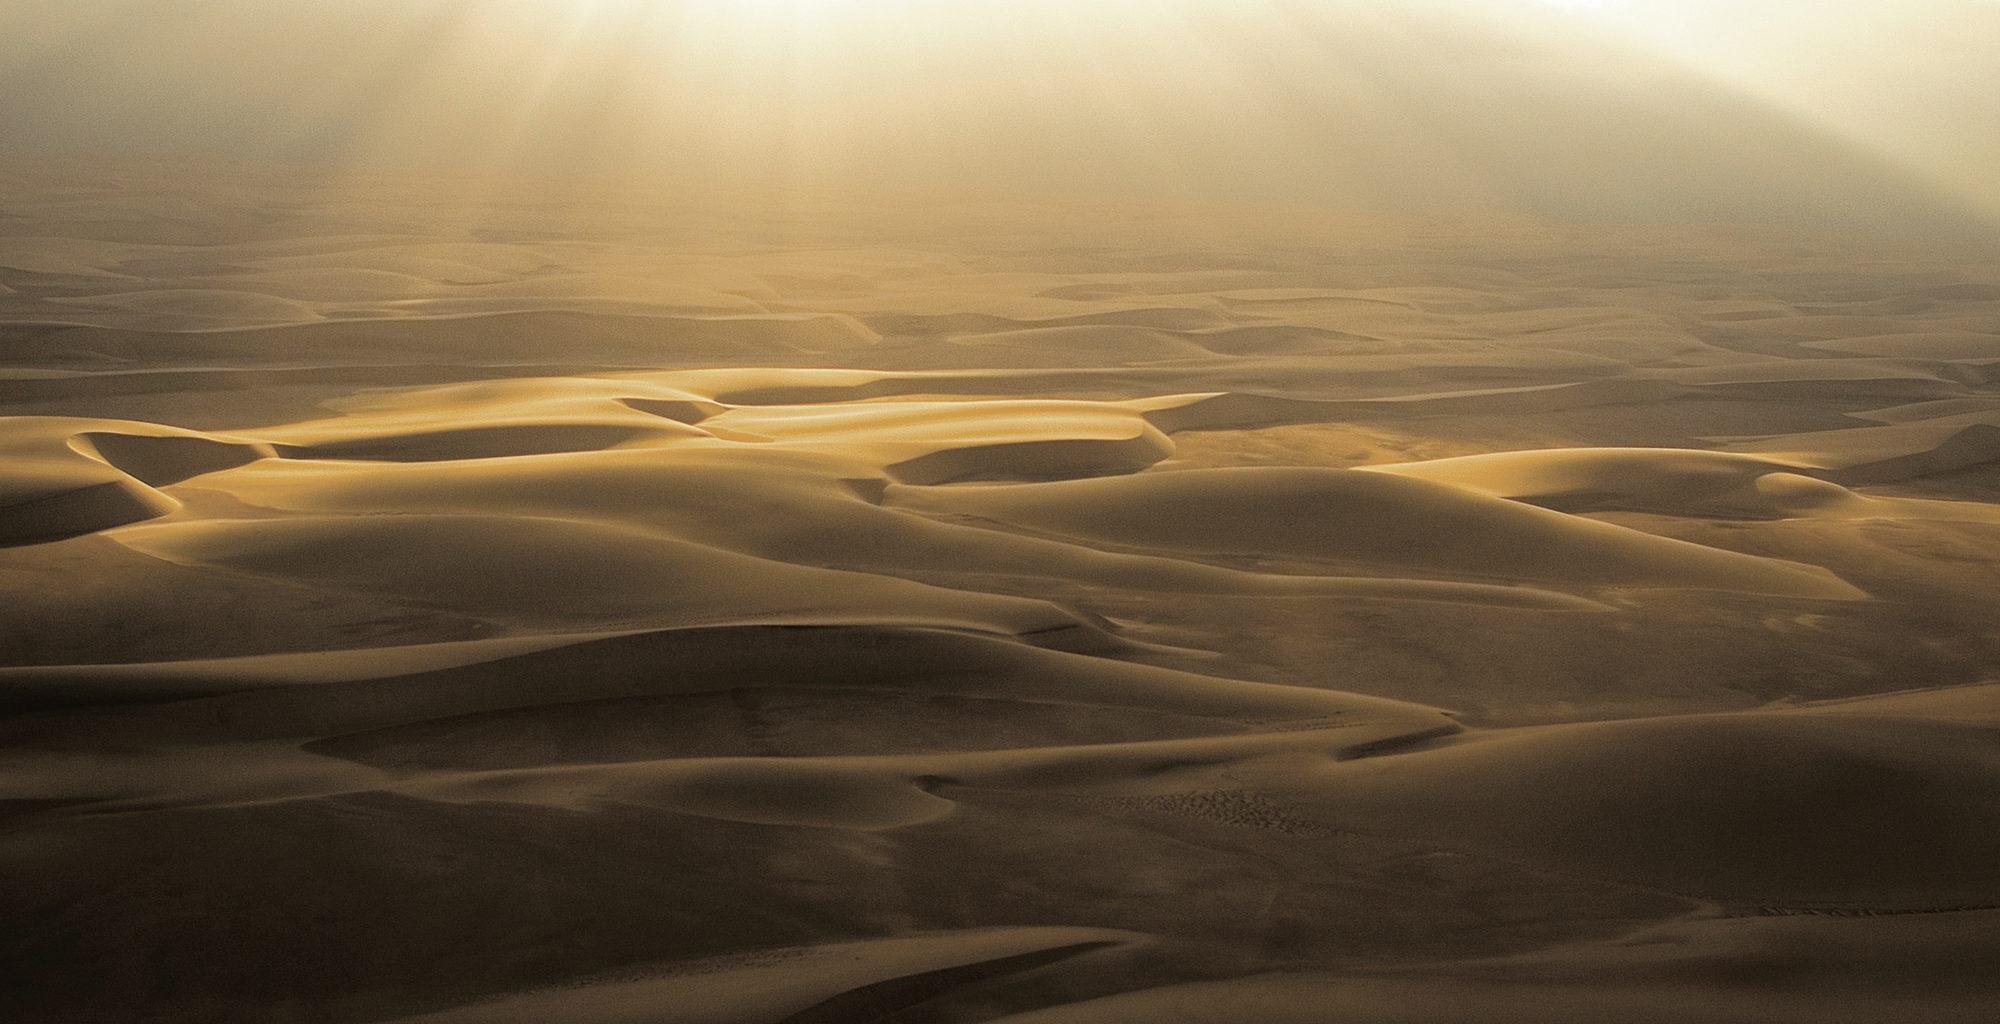 Namibia-Skeleton-Coast-Safari-Sand-Dunes